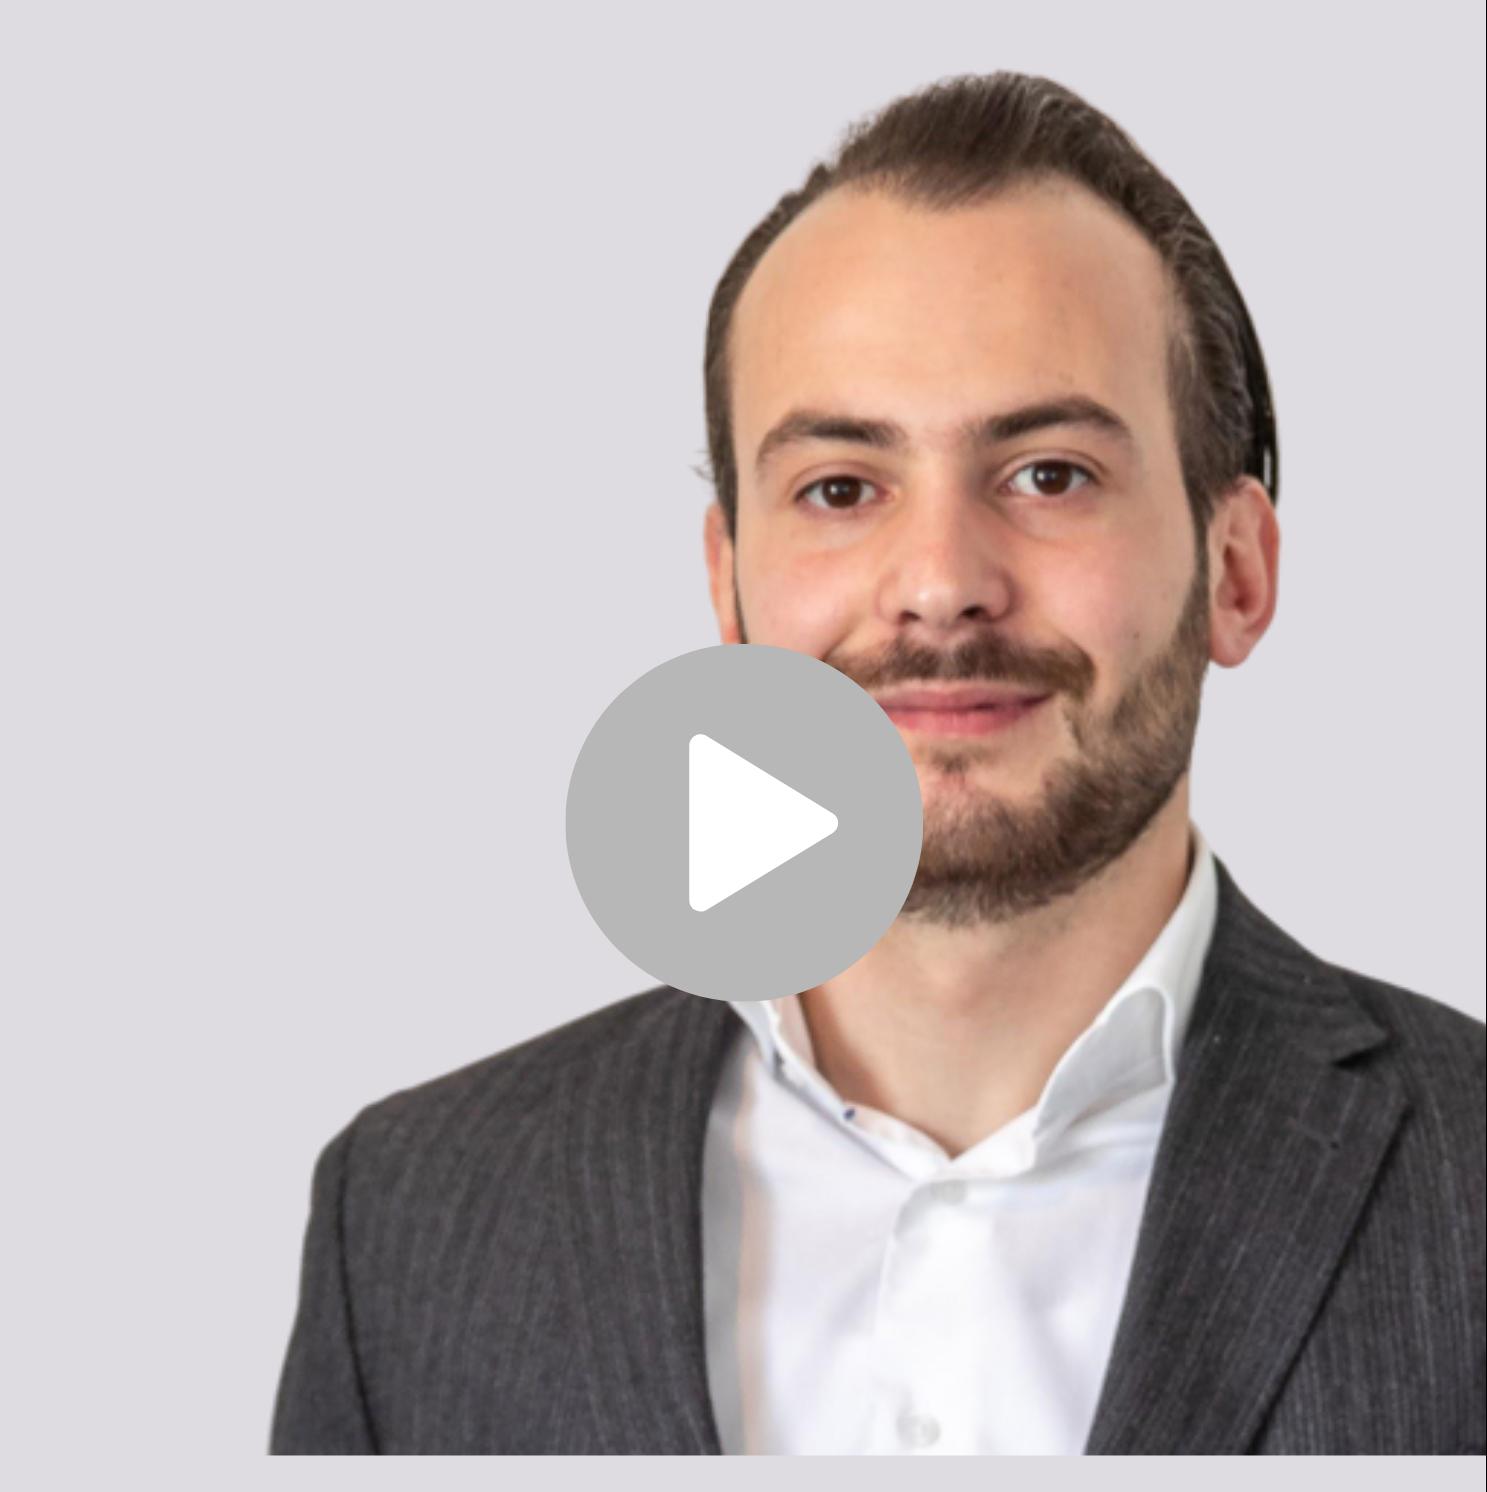 Davide Tiscari berichtet über die EMR Strategie